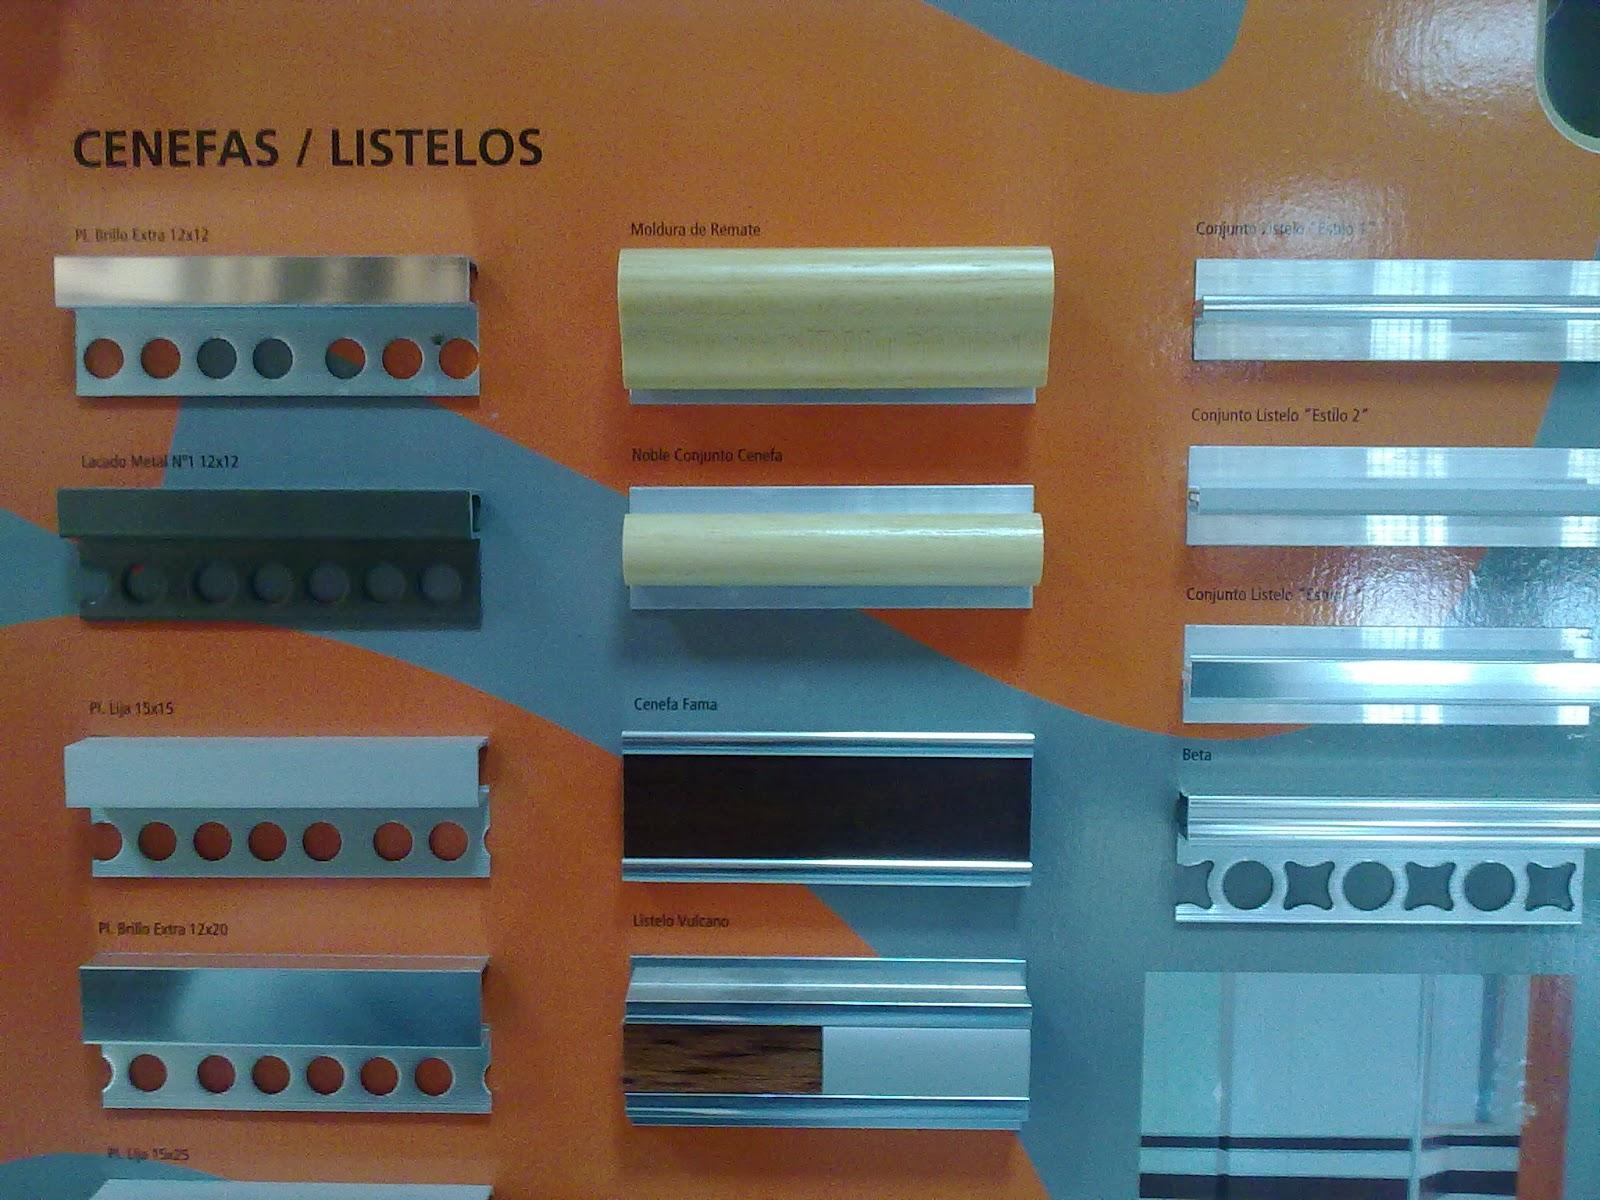 Azulejos Baño Bauhaus:estos otros modelos se pueden usar así mismo como cenefas y listelos